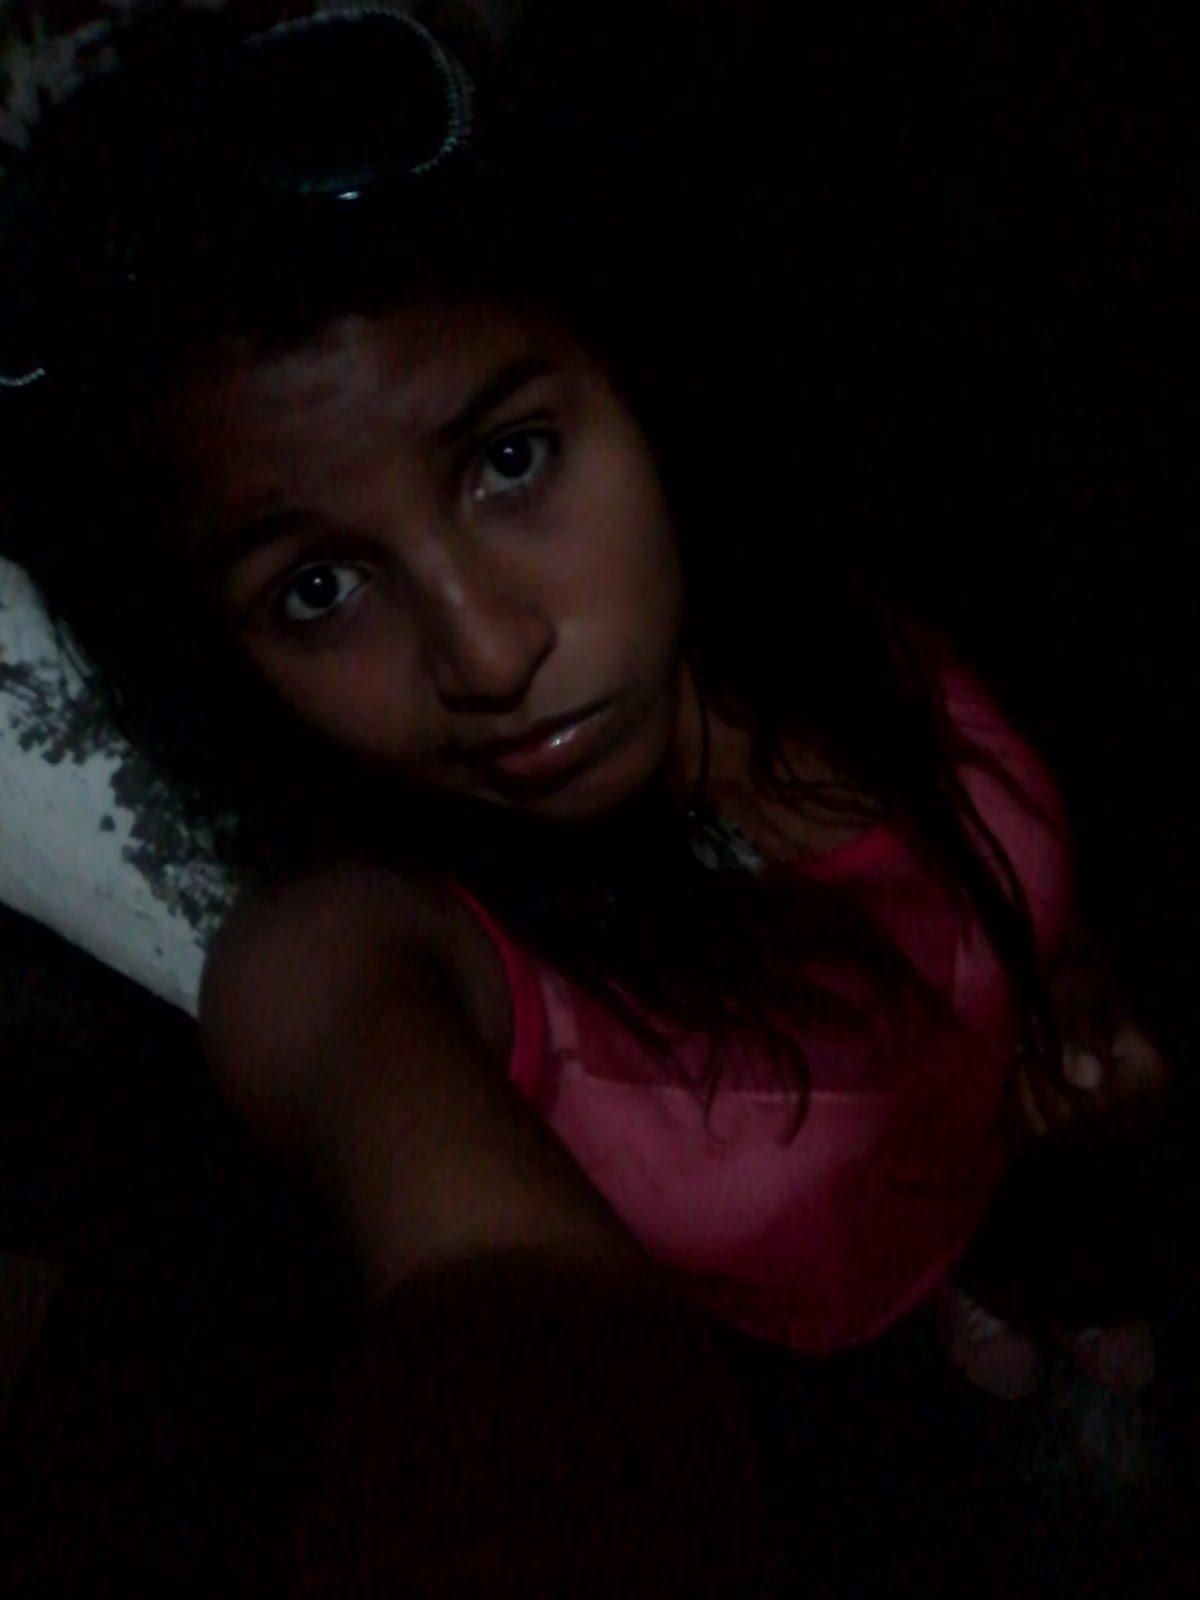 sexo interracial videos porno de modelos venezolanas